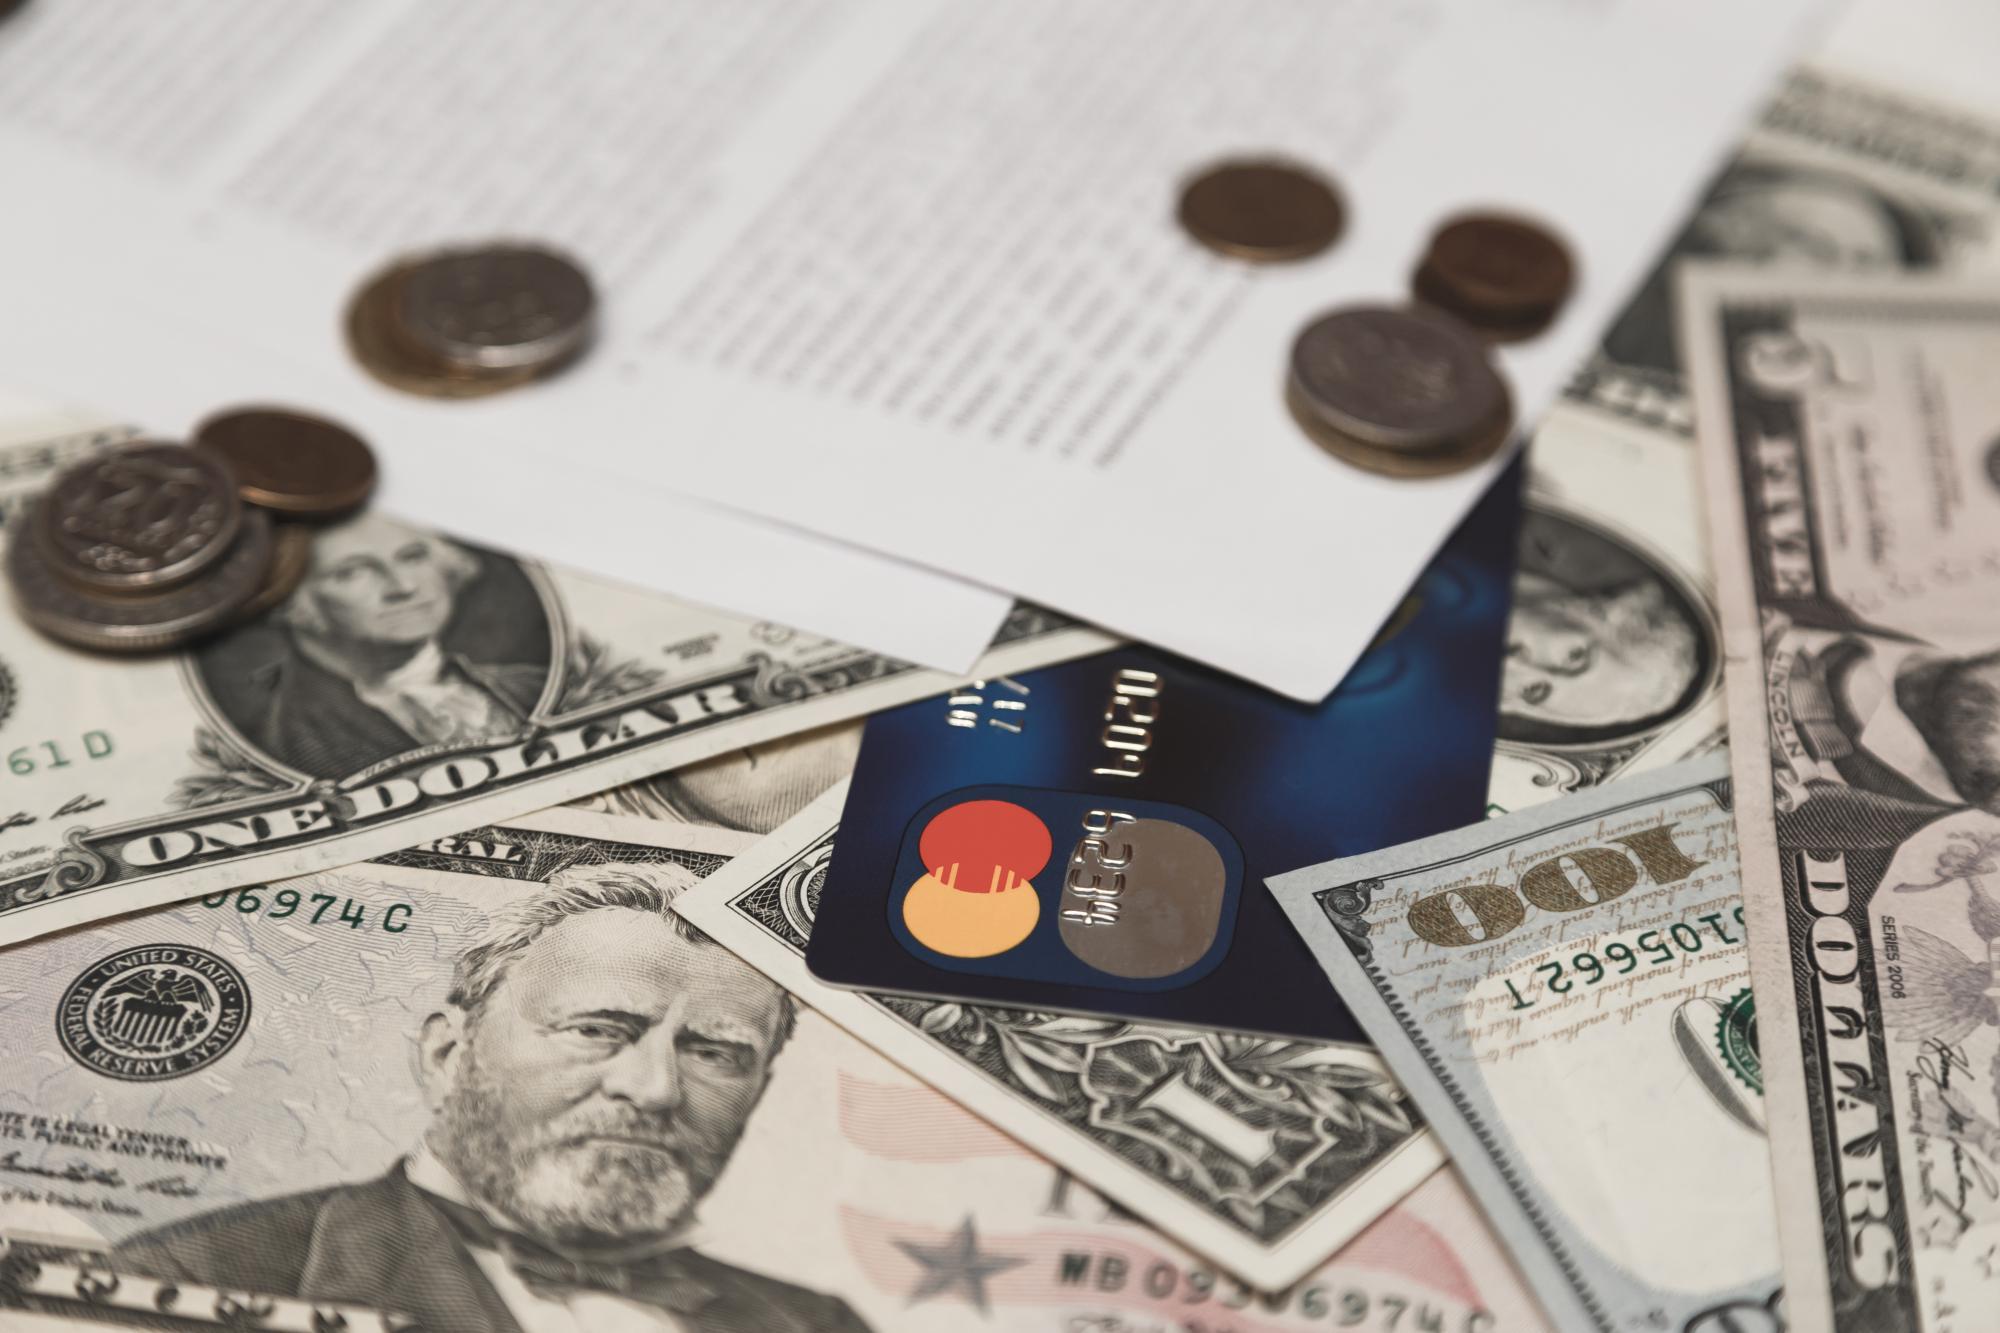 Иностранным банкам облегчат регистрацию «дочек» в РФ